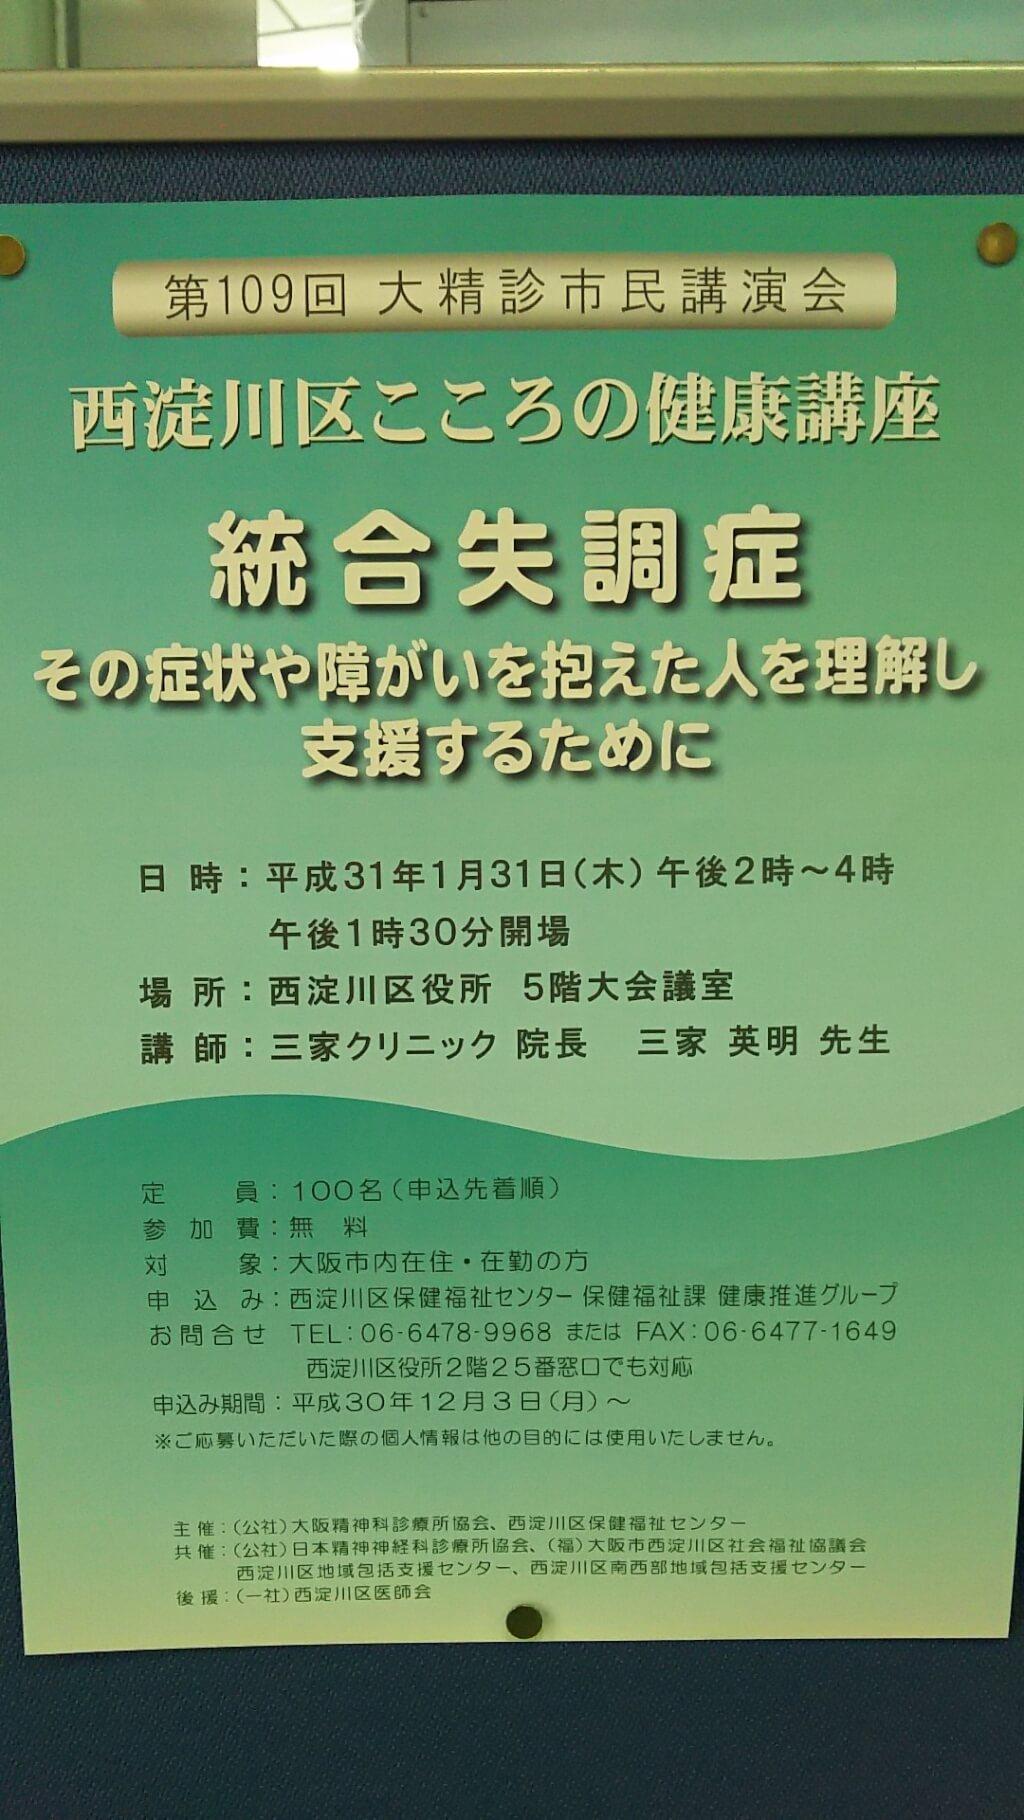 西淀川区こころの健康講座 統合失調症 の お知らせ